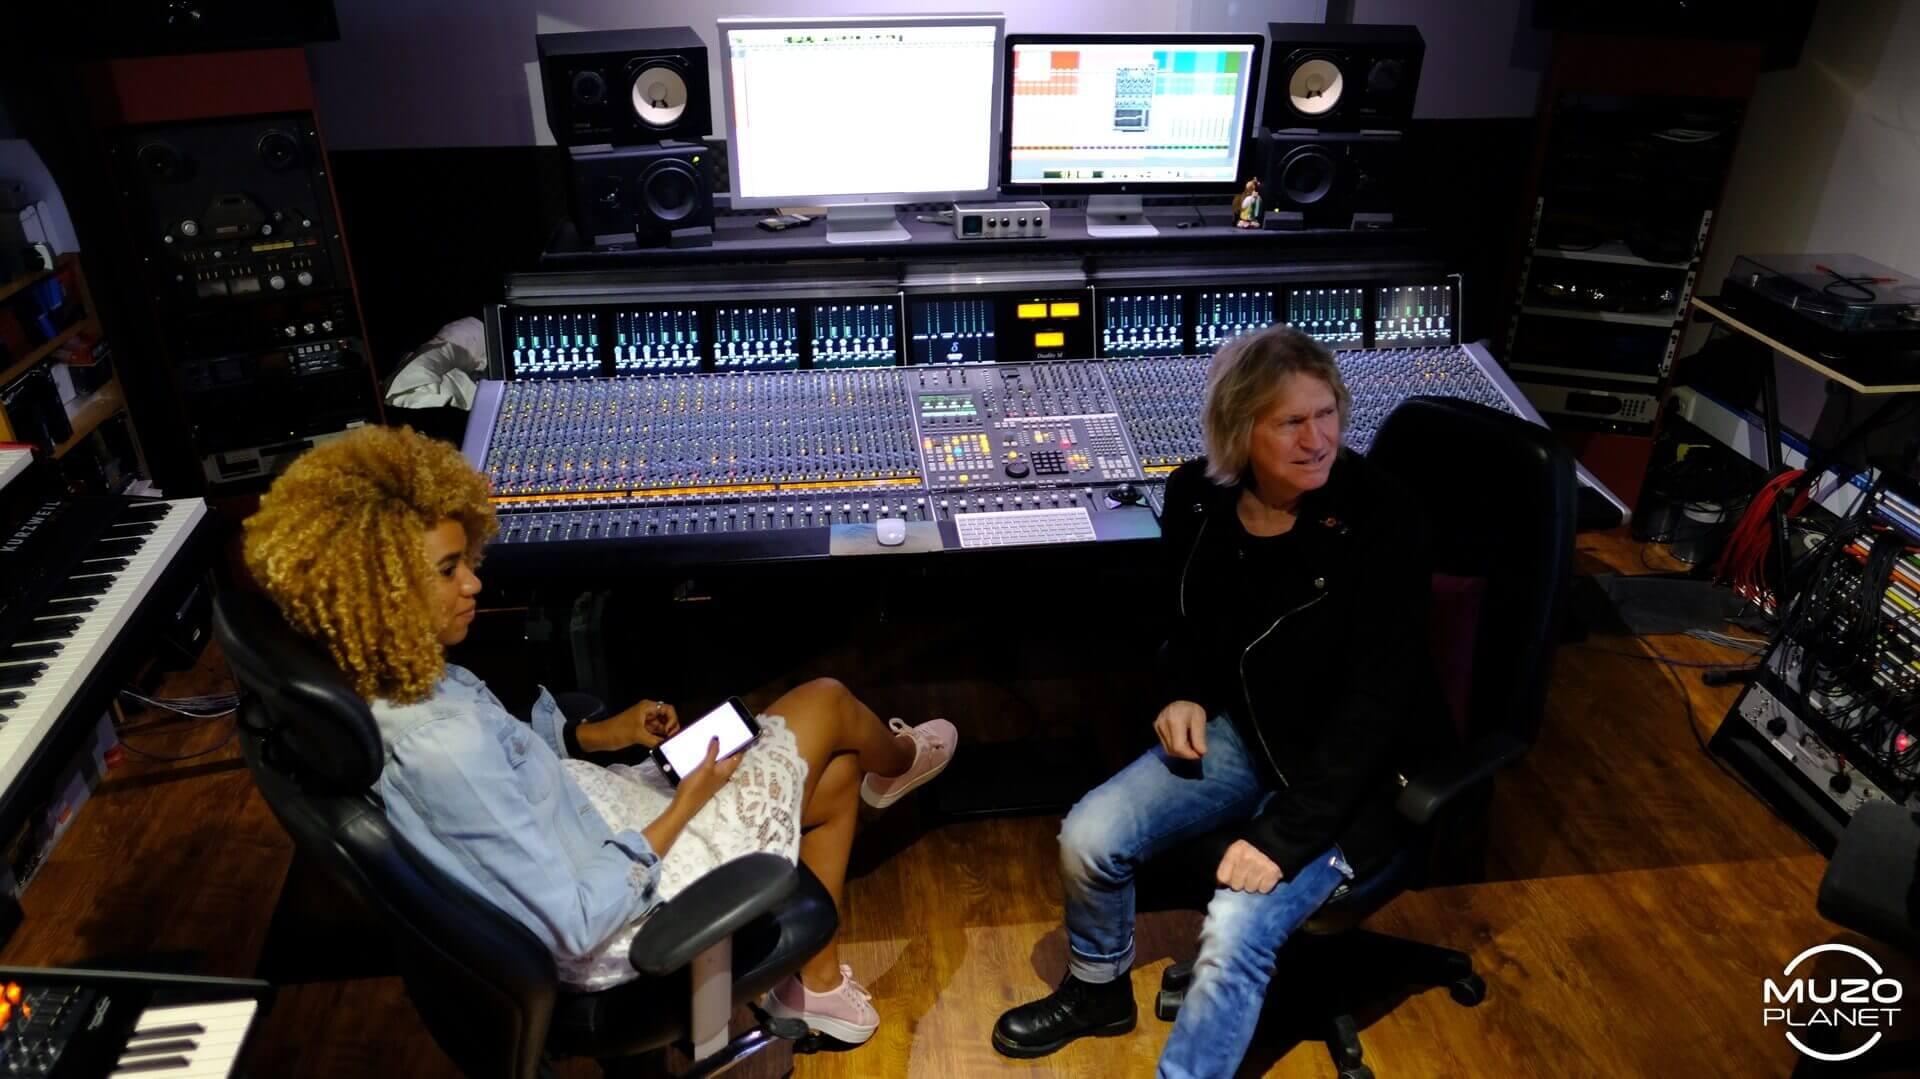 Melpro studios - muzoplanet interview